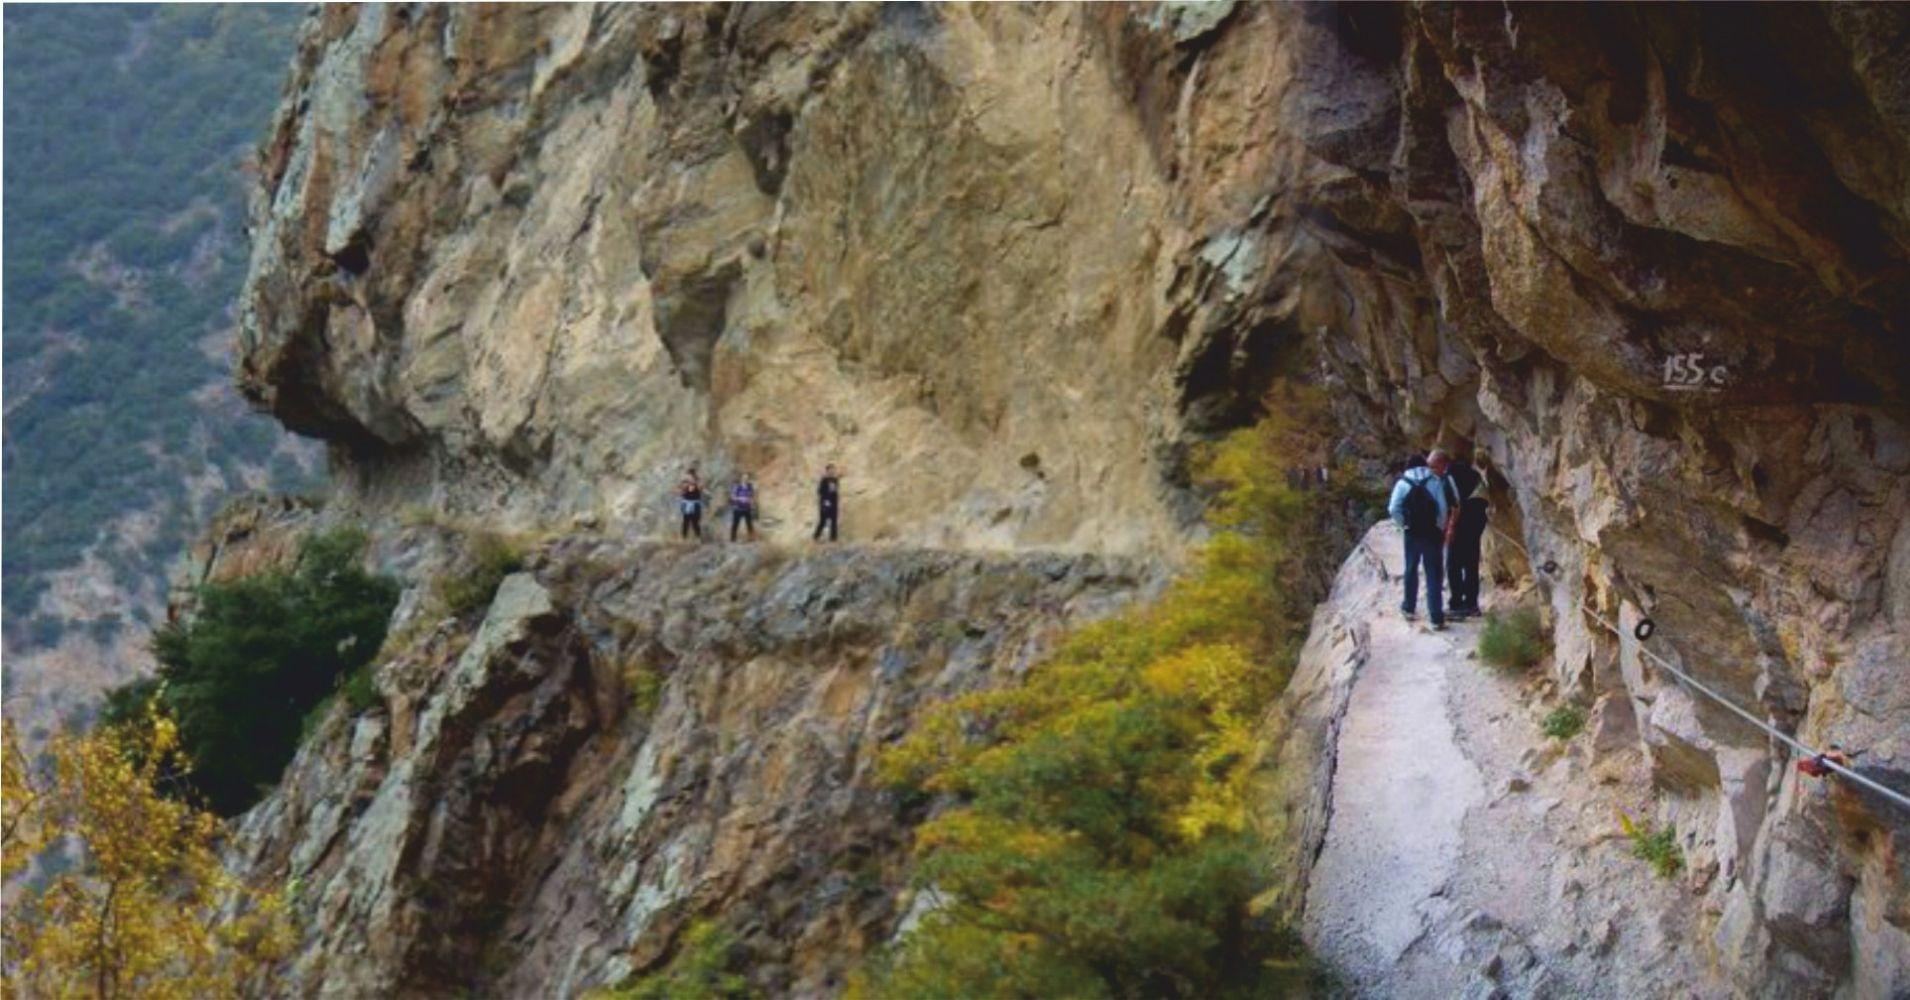 Camino Equipado de la Garganta. Thuès-Entre-Valls. Pirineos Orientales. Occitania, Francia.